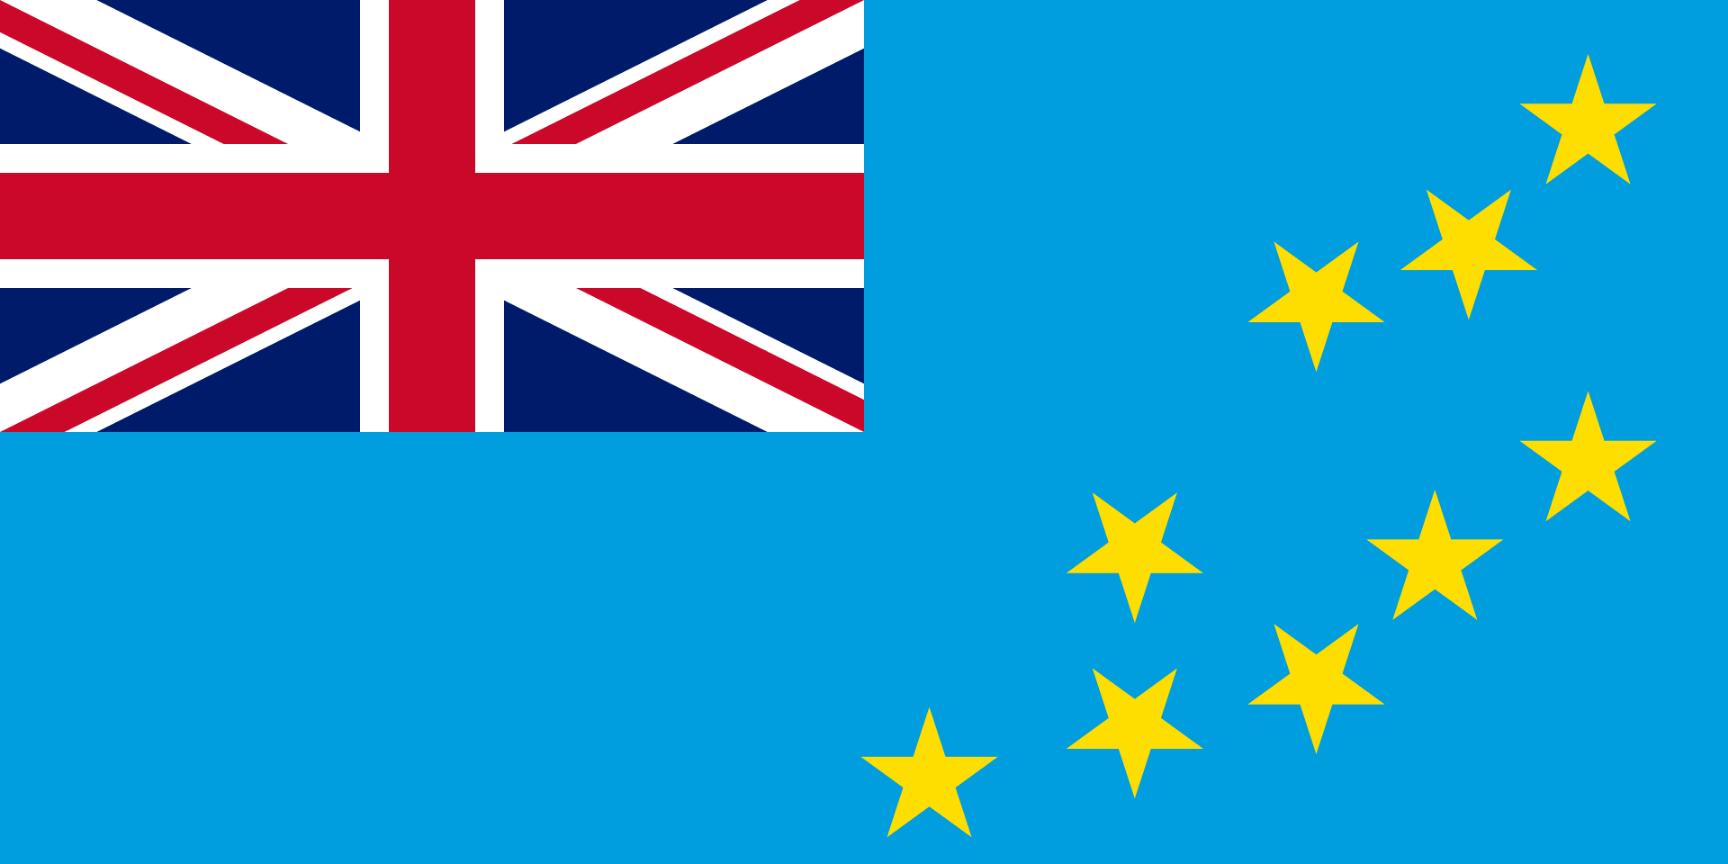 Flagge im Querformat Land Tuvalu 150x100 cm